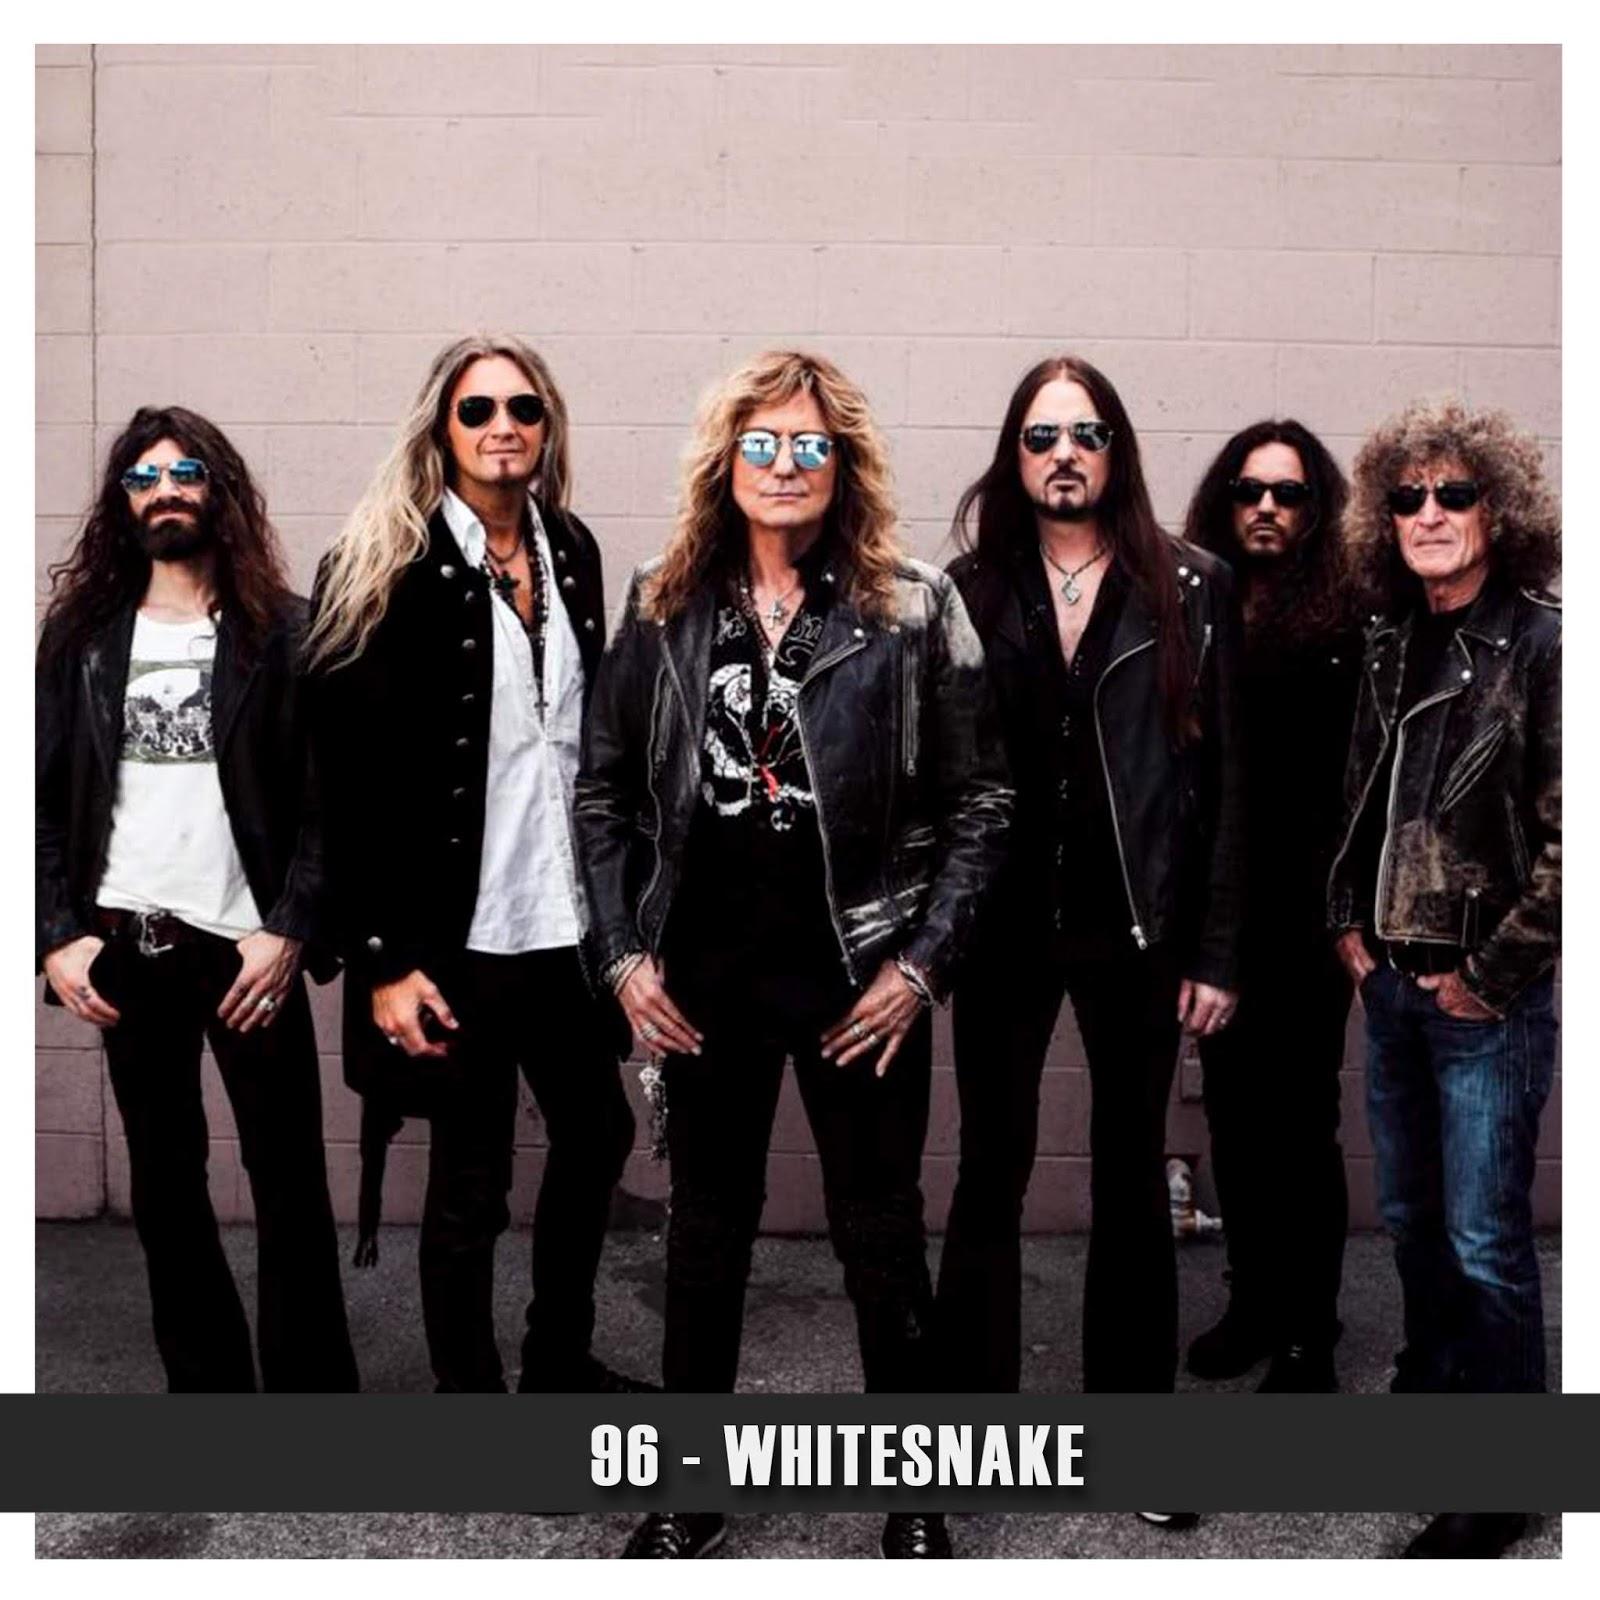 Doublecast 96 - Whitesnake